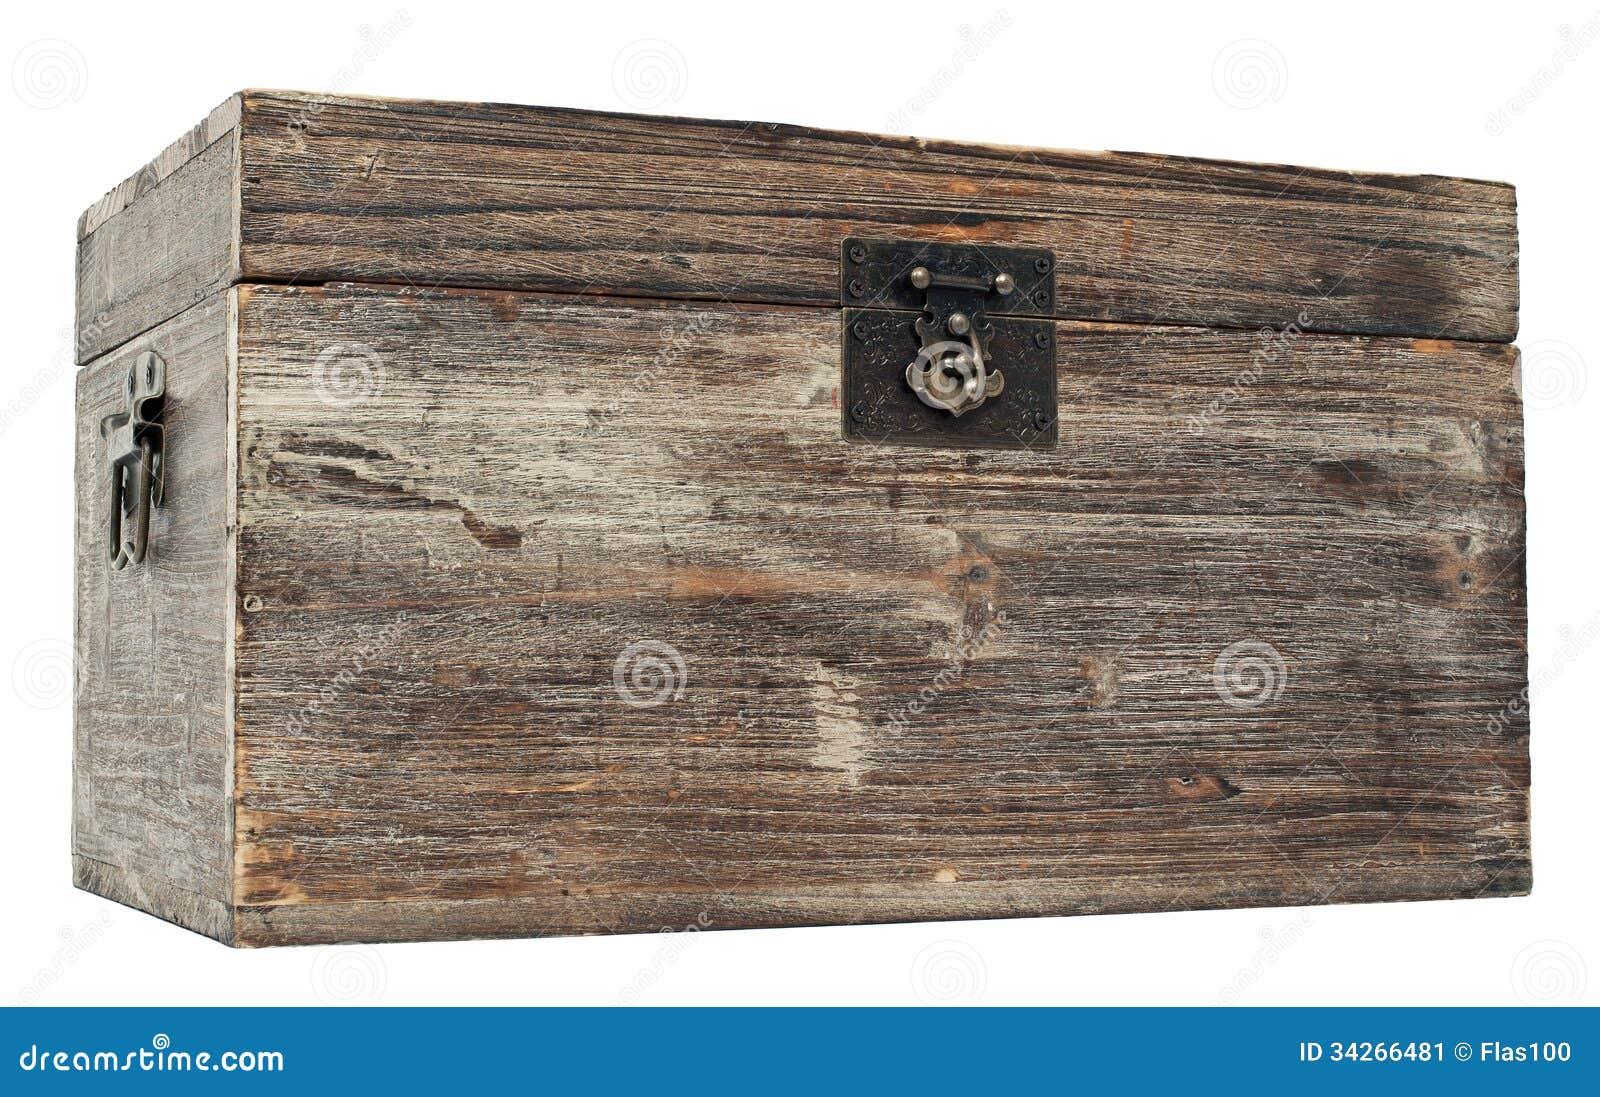 vieux coffre en bois verrouill image stock image 34266481. Black Bedroom Furniture Sets. Home Design Ideas